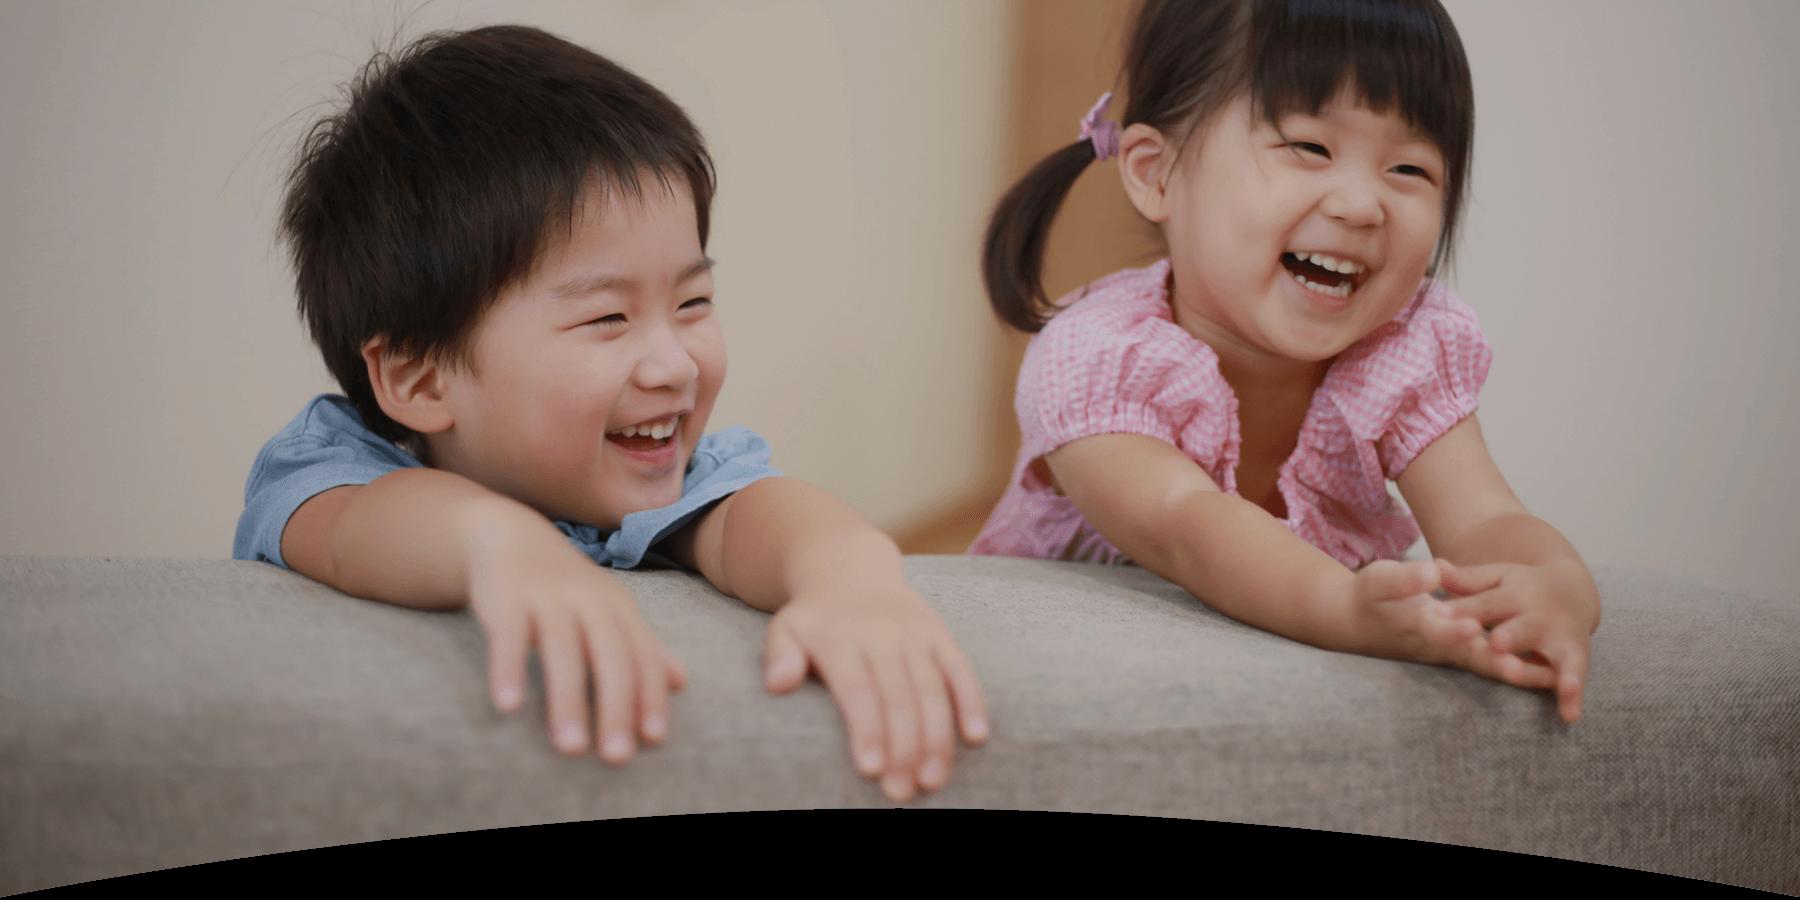 お子さまから高齢者までみんなが笑顔で過ごせる地域社会の実現を。